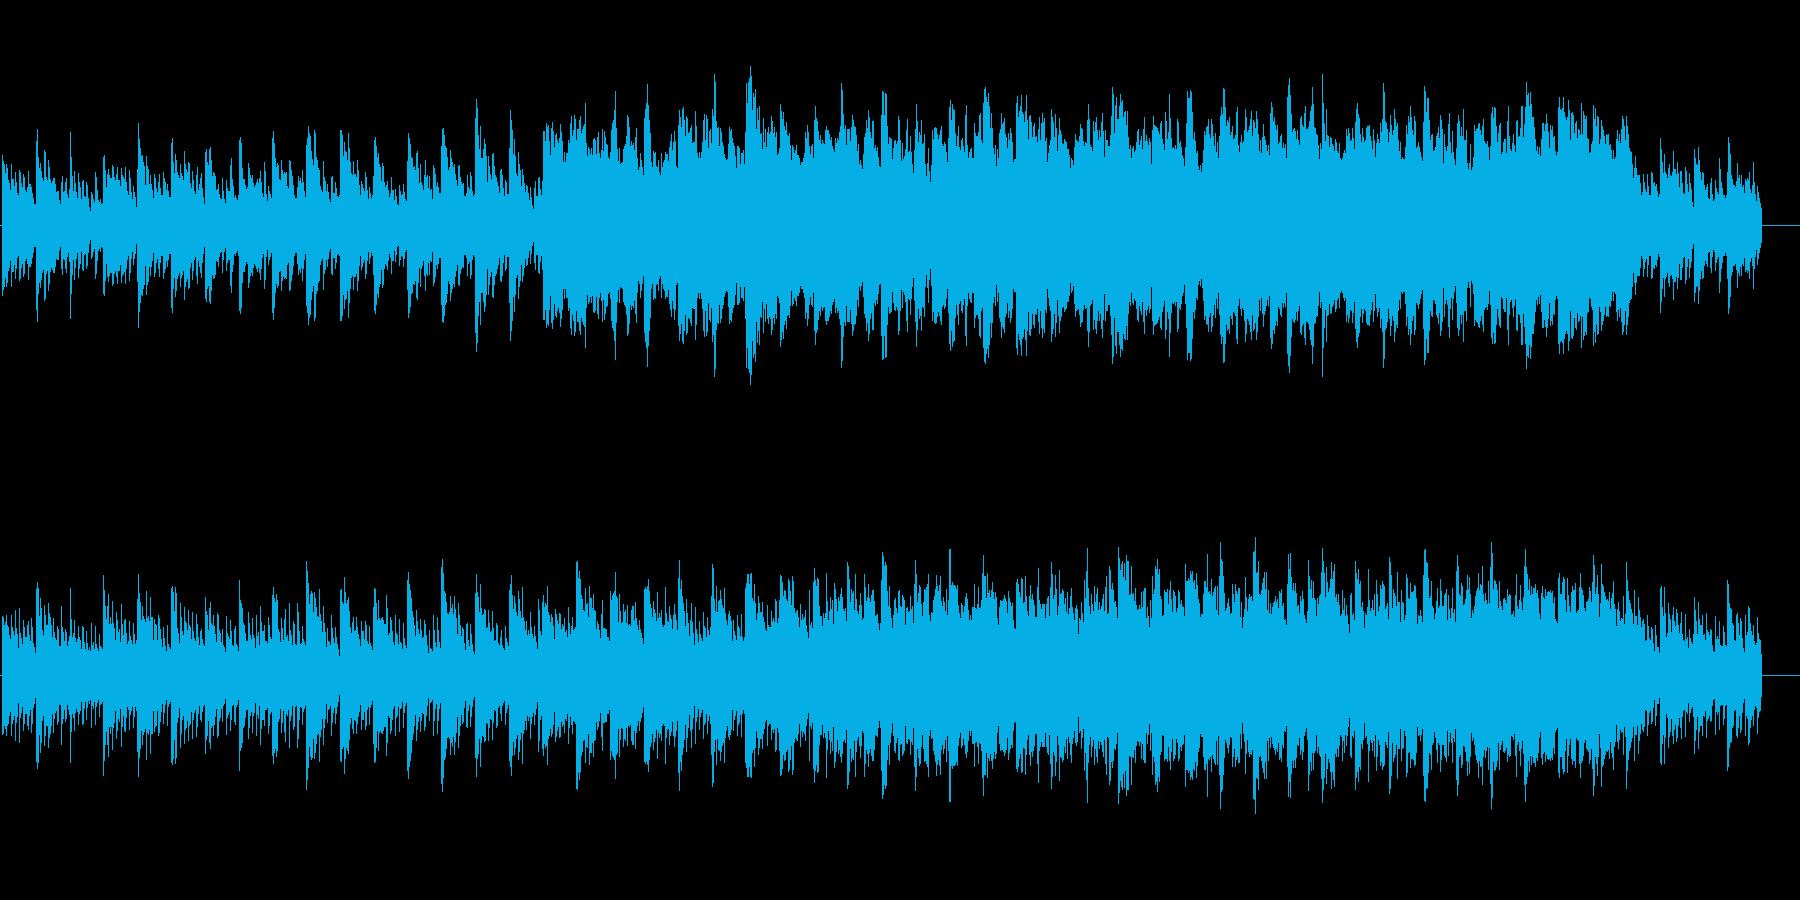 恋愛映画のオープニング風のピアノ曲の再生済みの波形